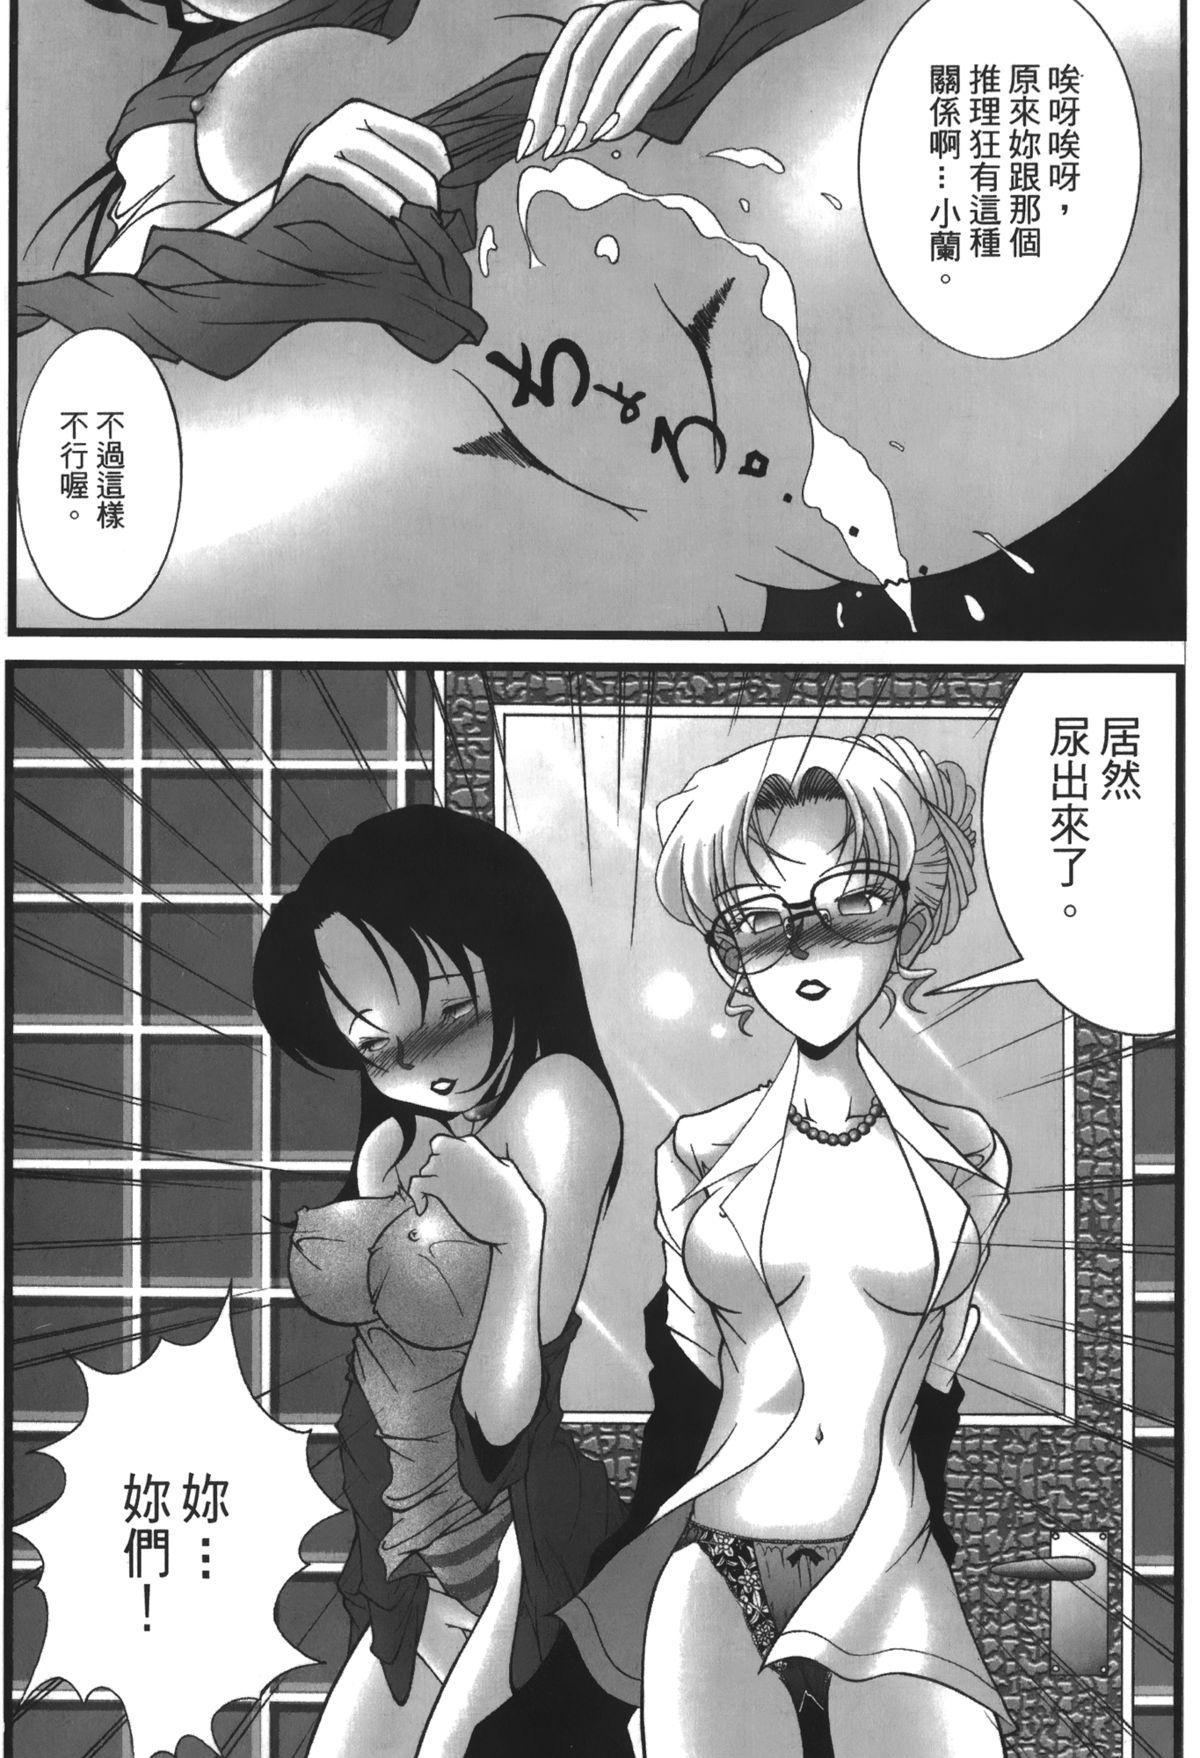 Detective Assistant Vol. 13 34